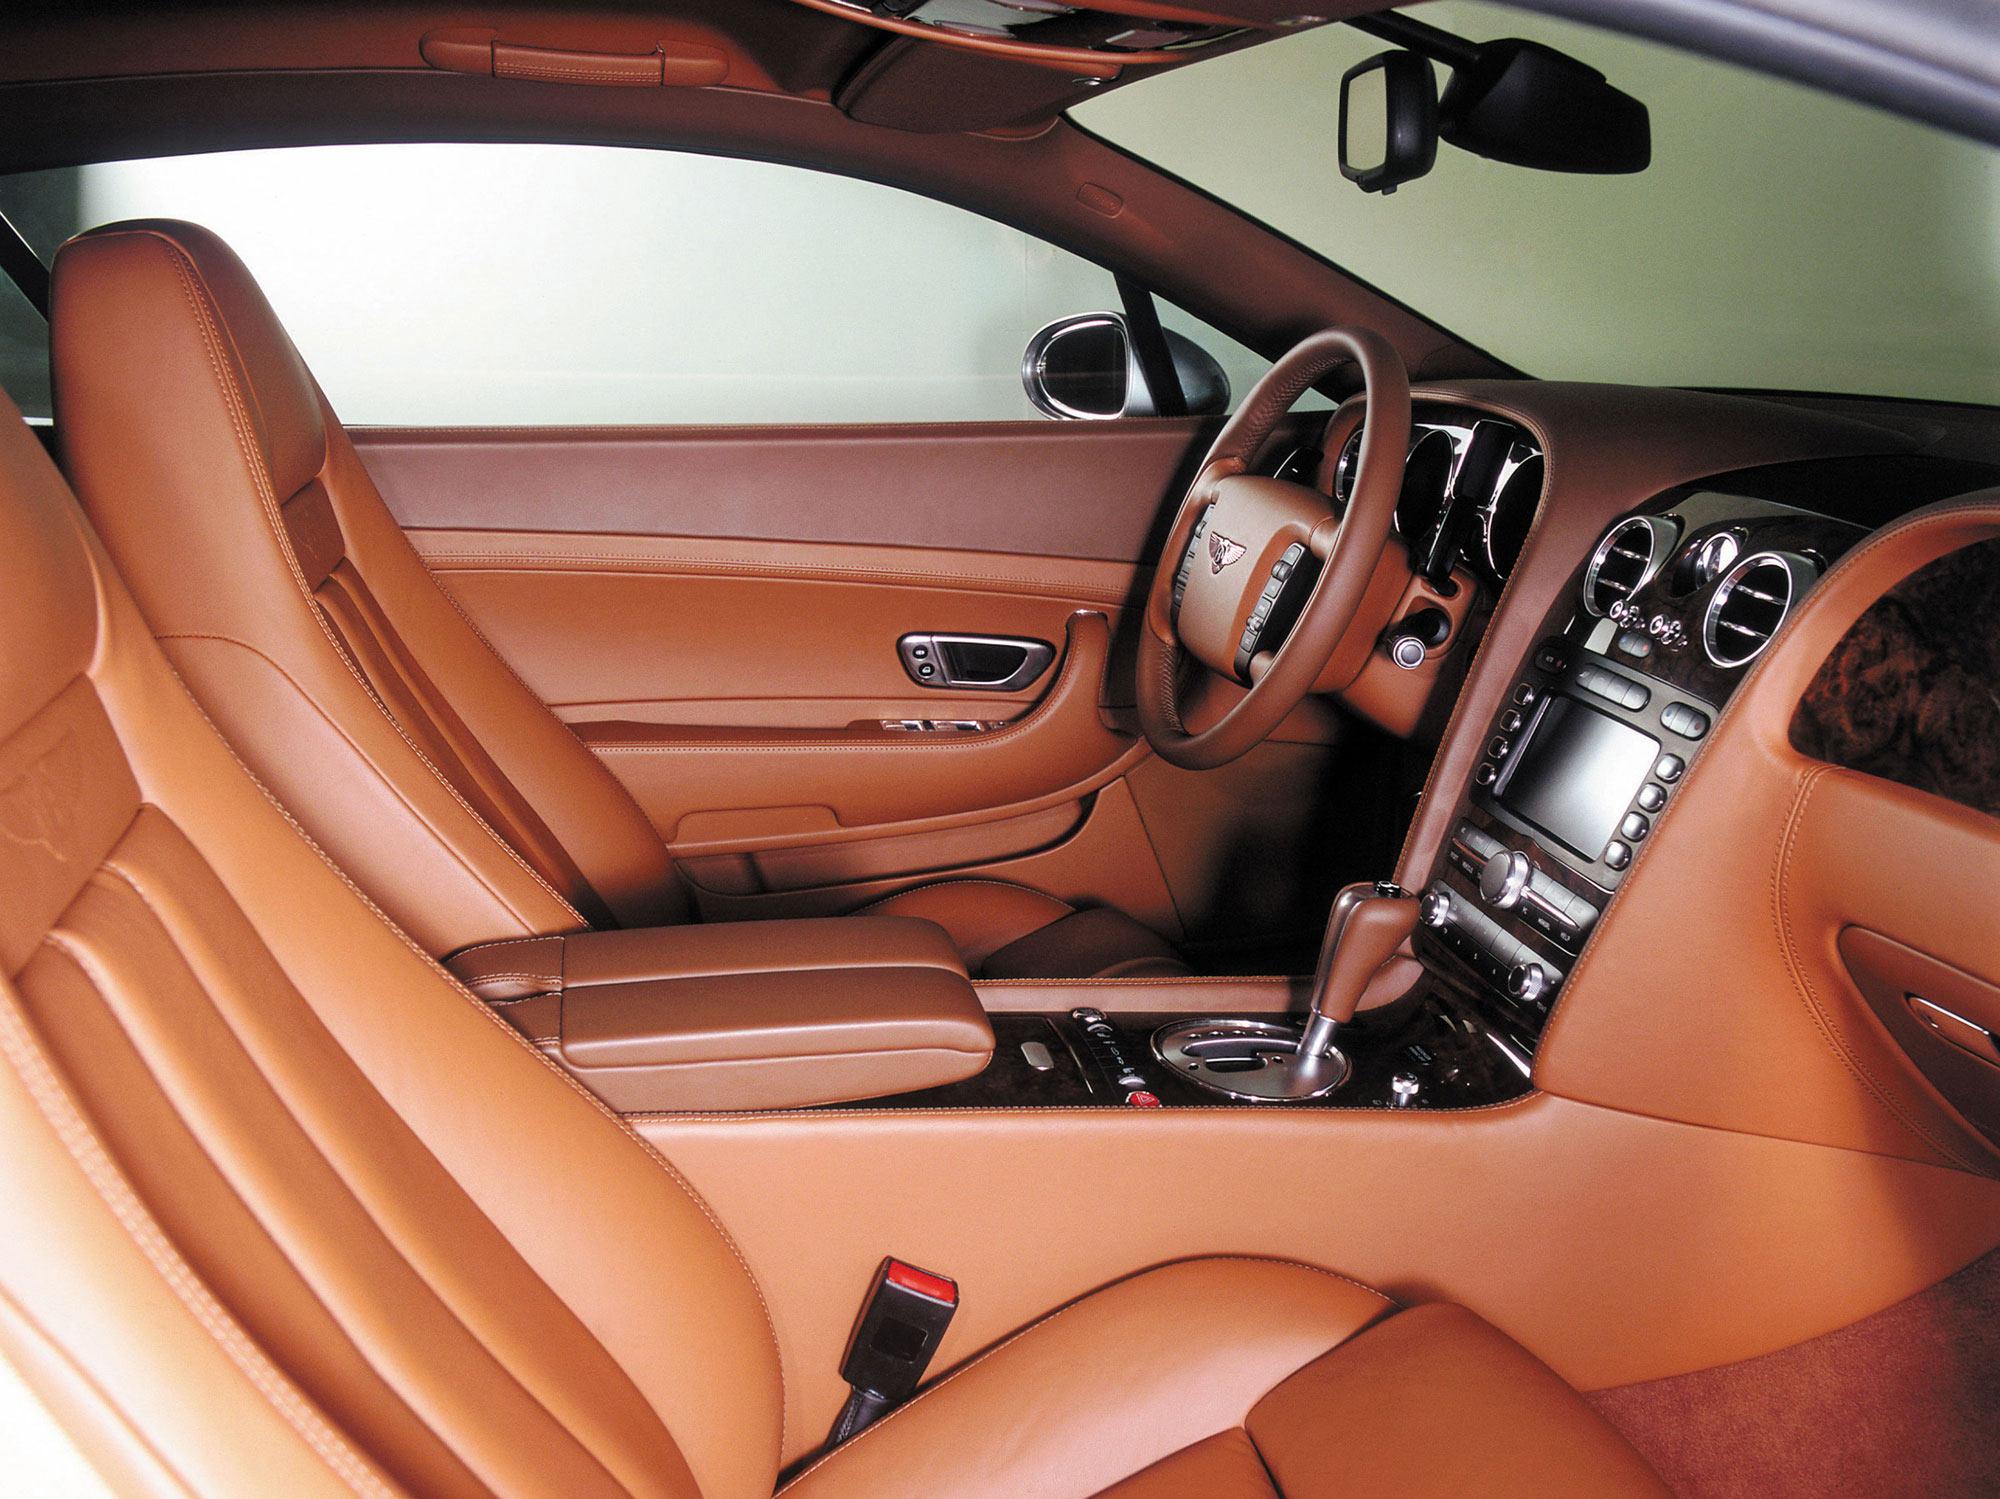 Bentley-Continental-GT-21.jpg